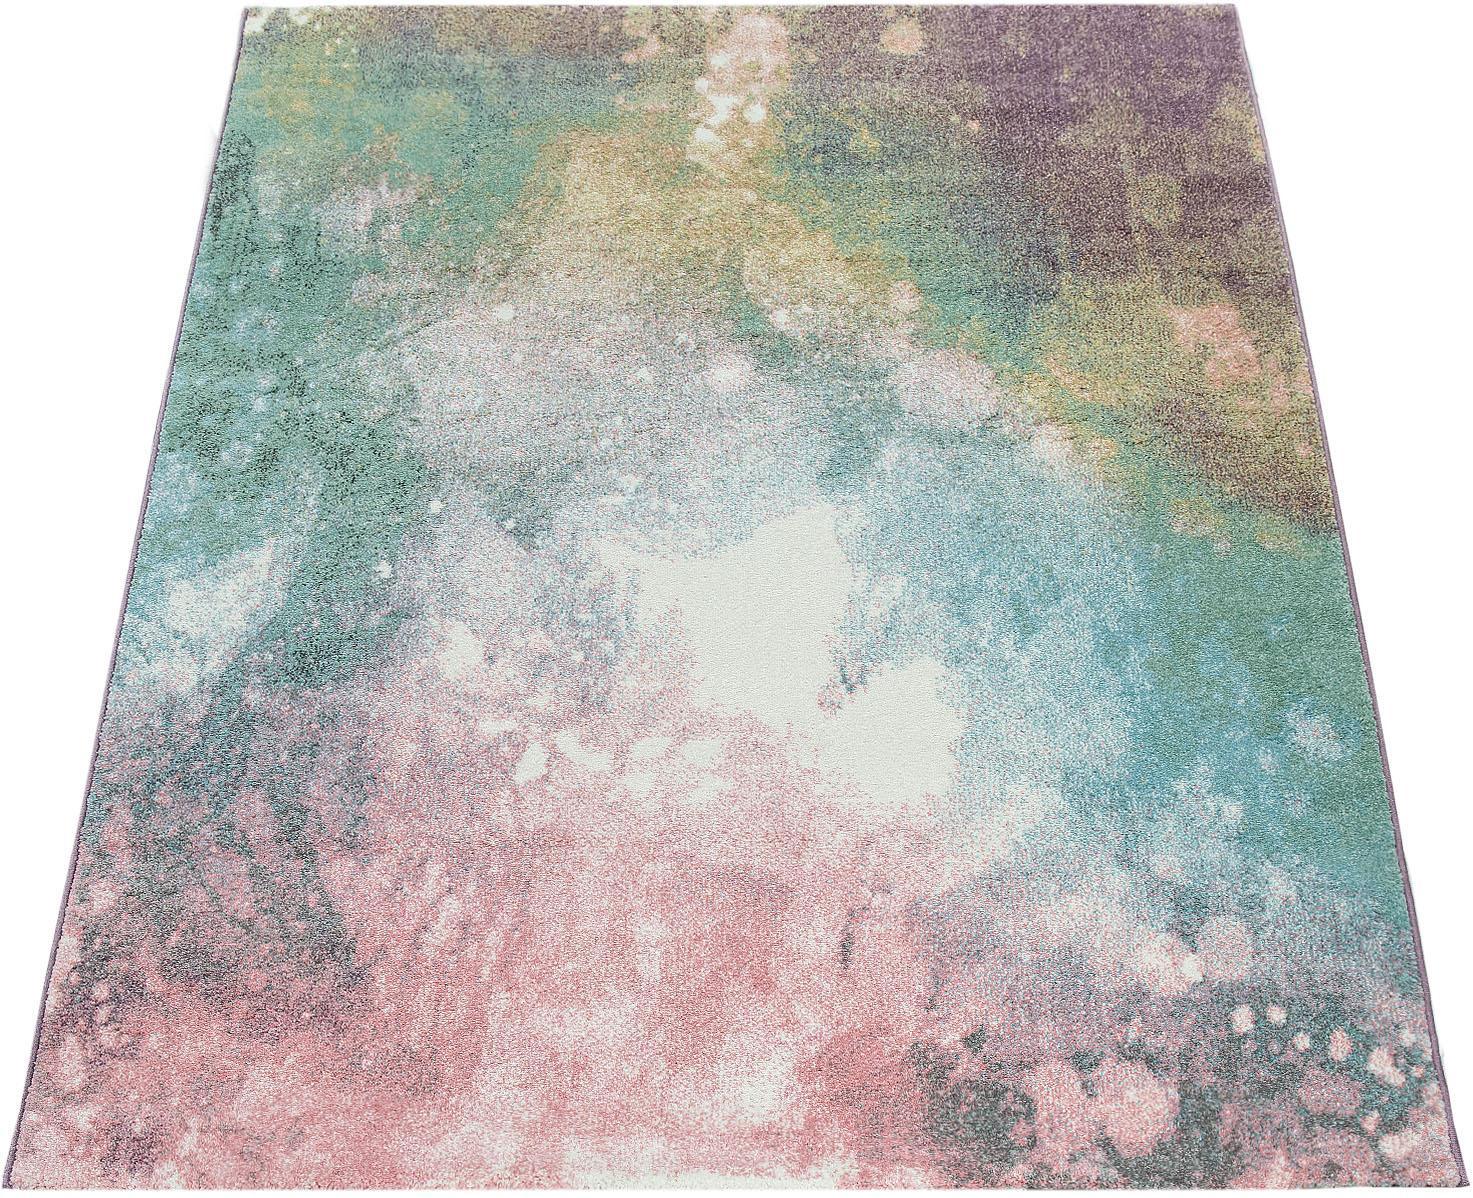 Teppich Mero 100 Paco Home rechteckig Höhe 17 mm maschinell gewebt